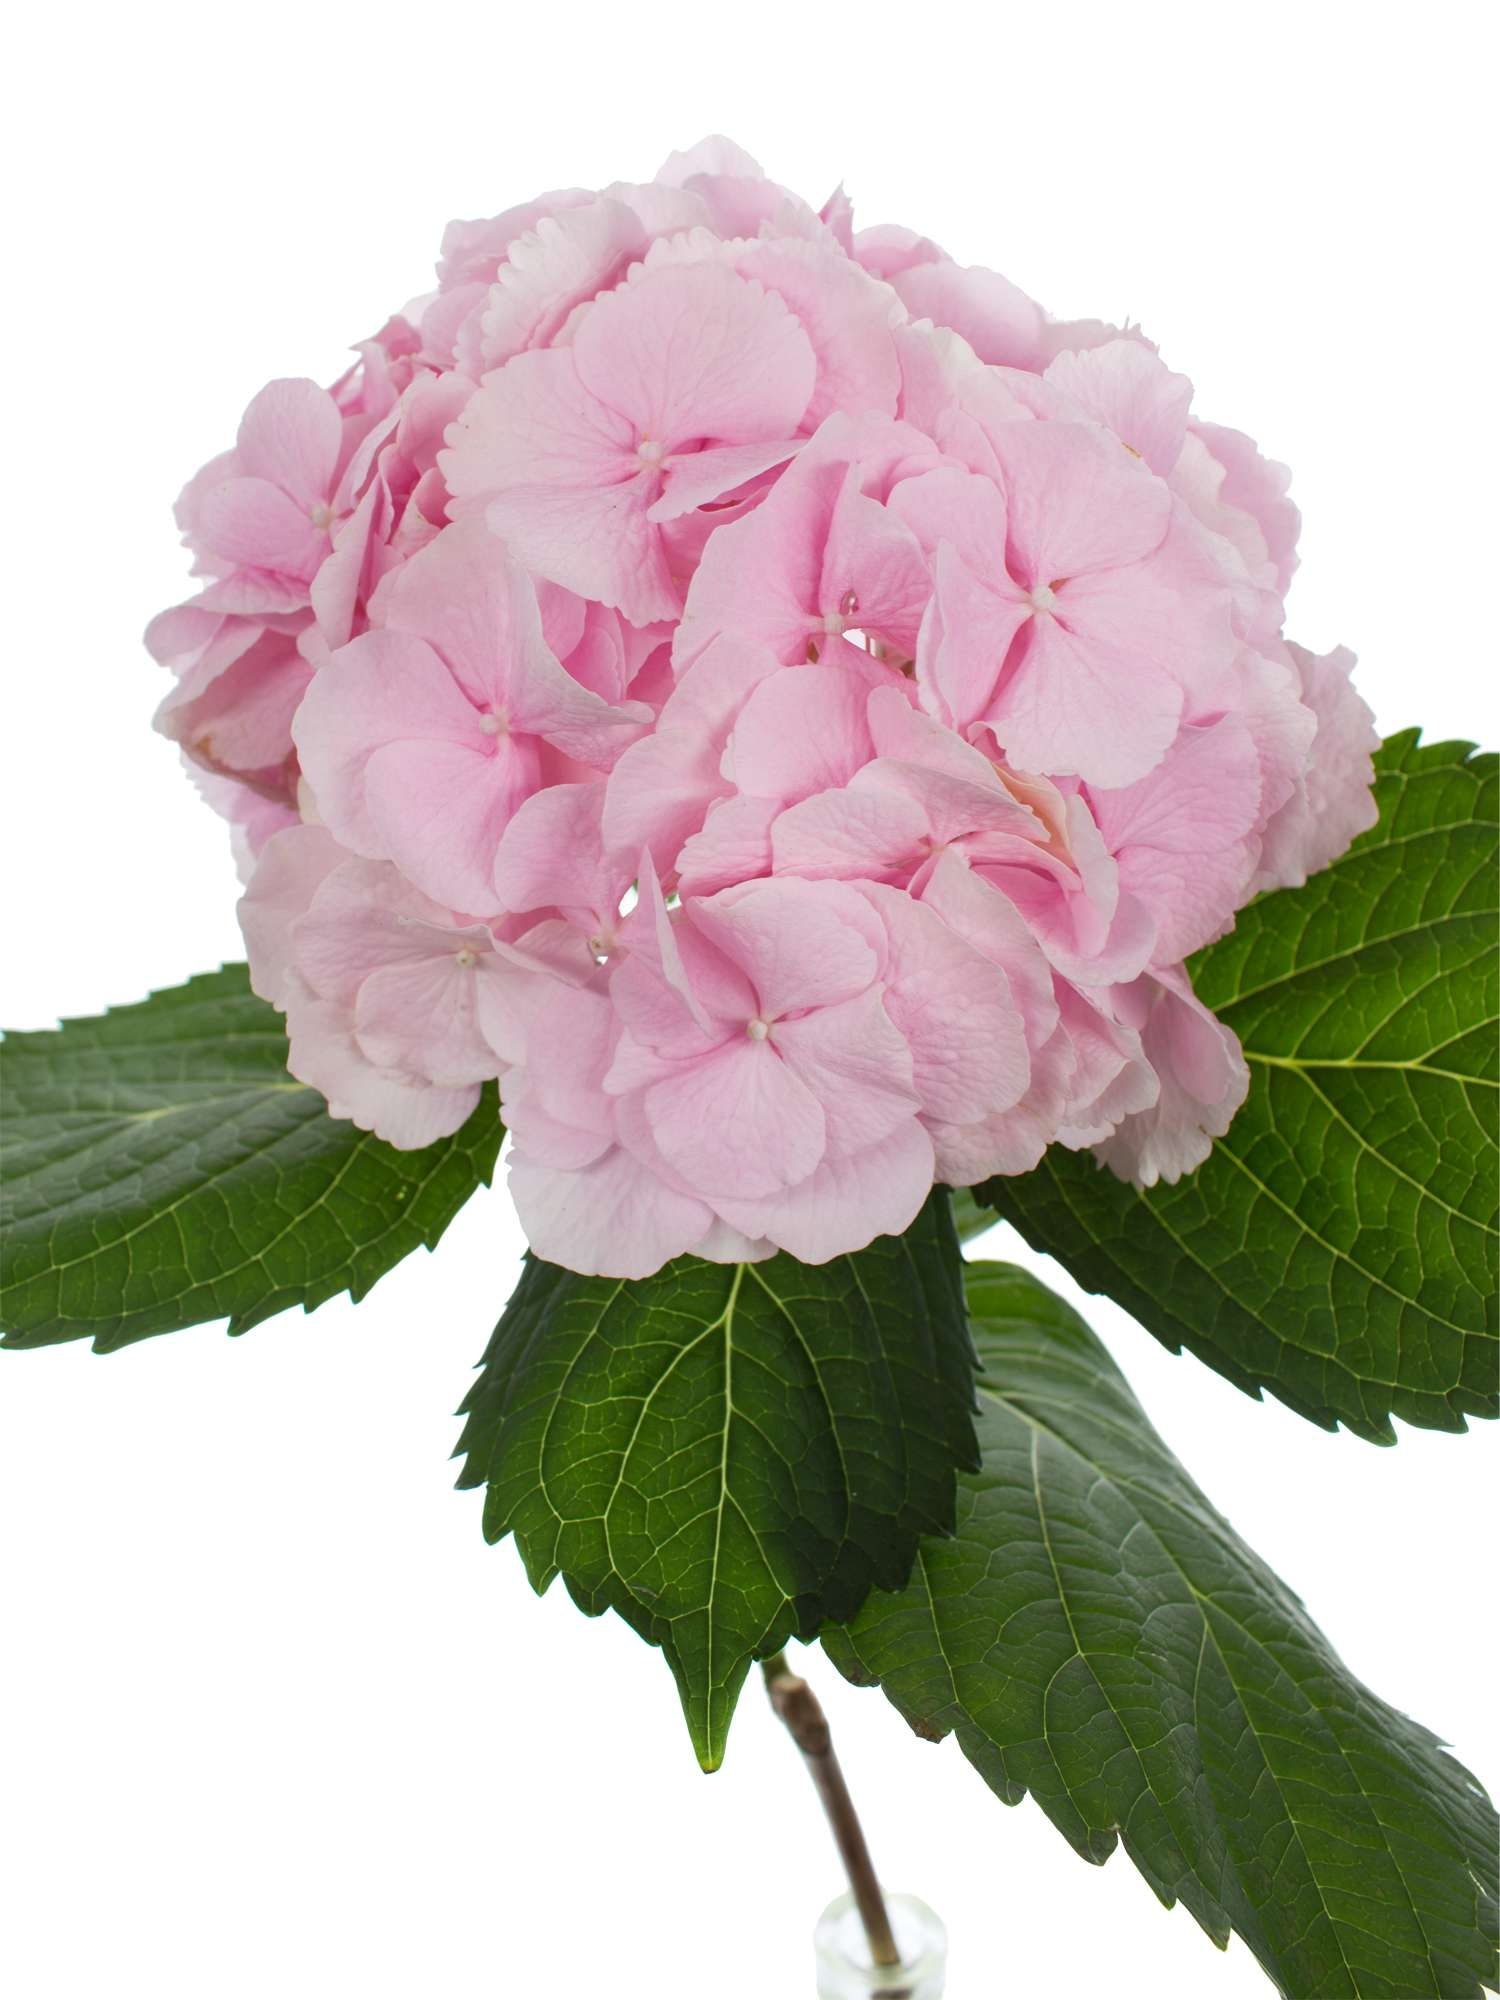 Hortensien überzeugen Mit Ihrer Schönheit Nicht Nur Im Garten ... Schnittblumen Frische Strause Garten